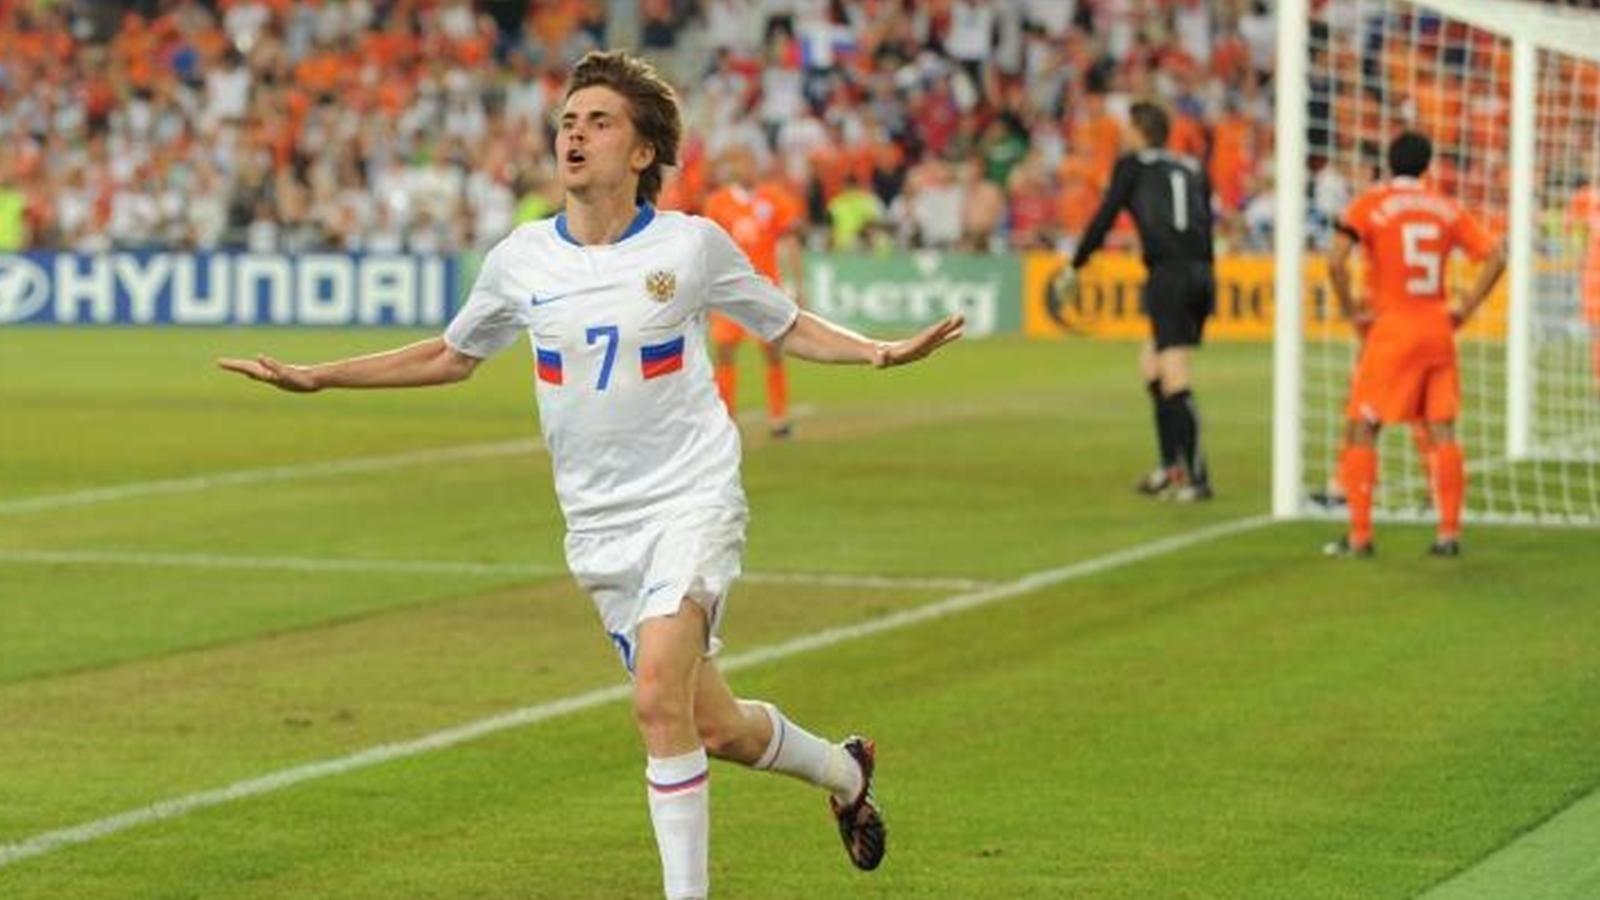 ПолузащитникФК «Краснодар» Торбинский задолжал «Рубину» 225тыс.евро